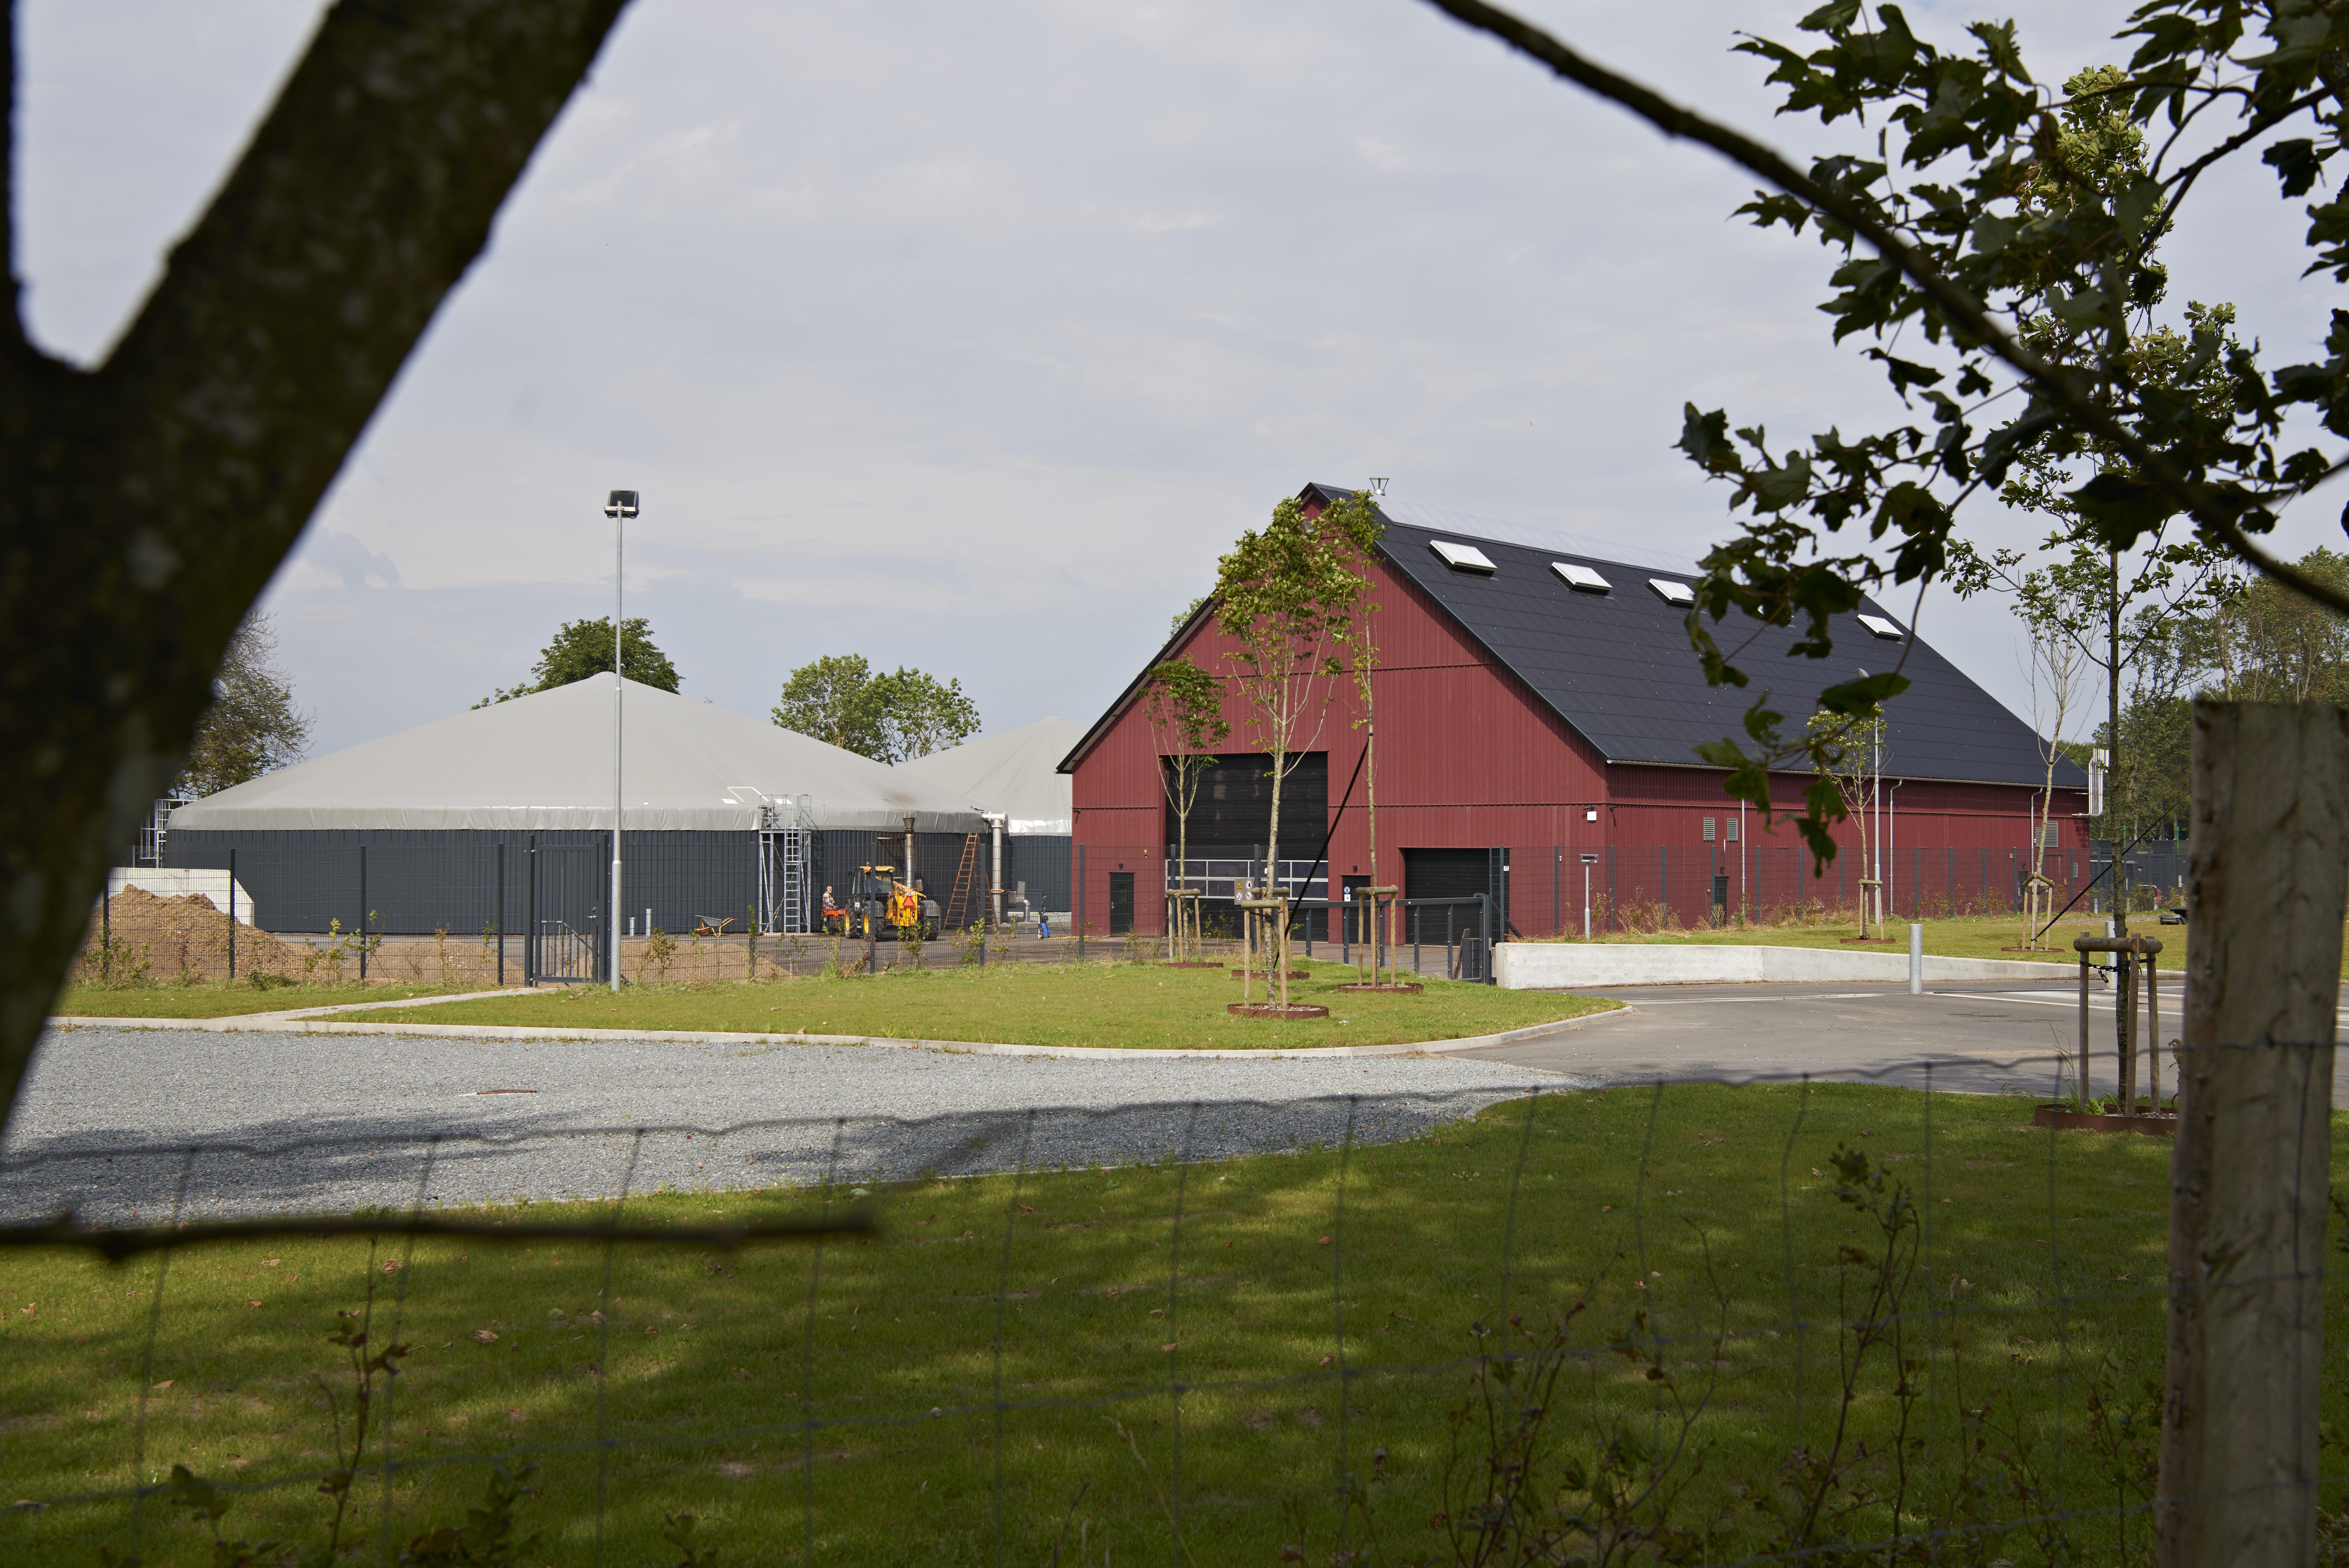 Frijsenborg Biogas udvider spritnyt biogasanlæg - Energy Supply DK